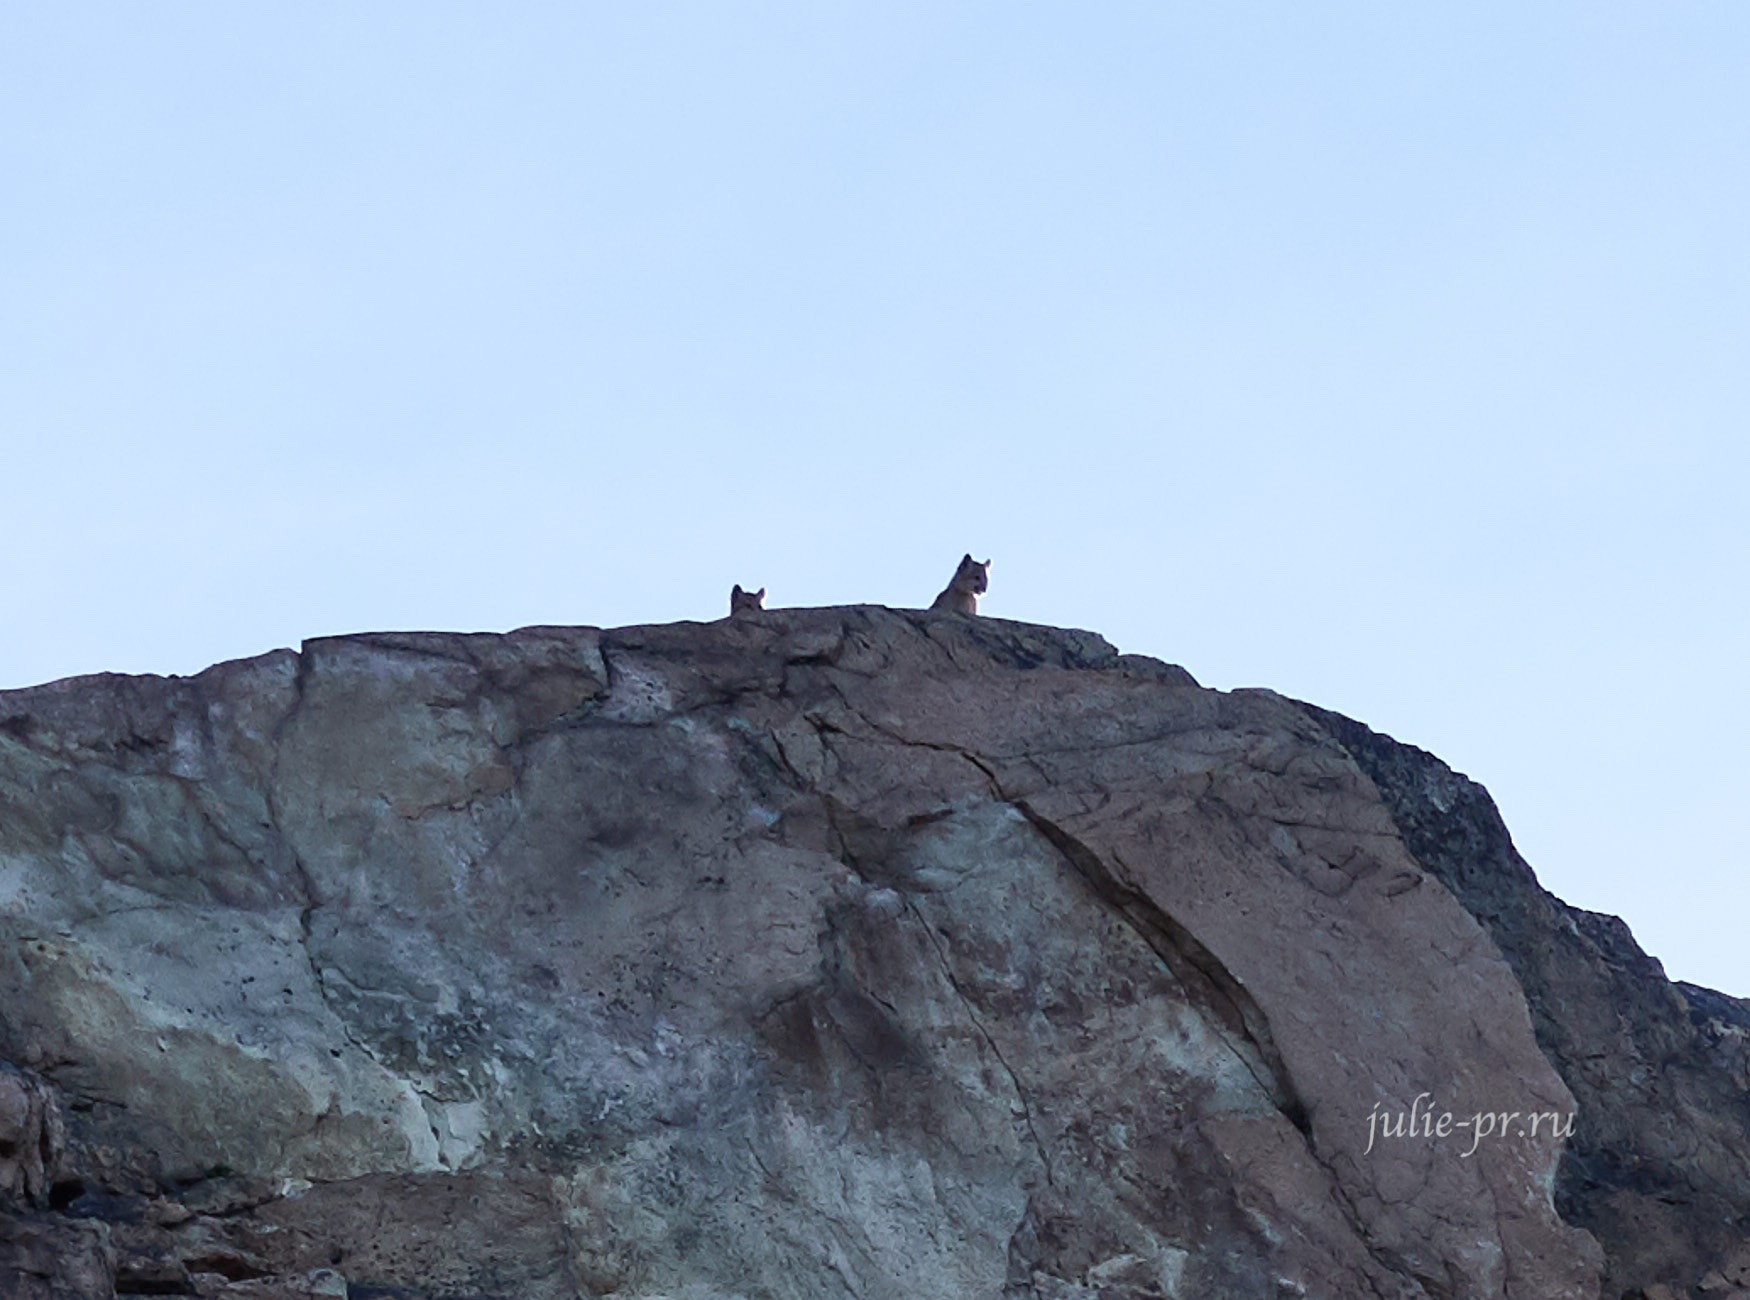 Чили, Патагония, Торрес-дель-Пайне, пума